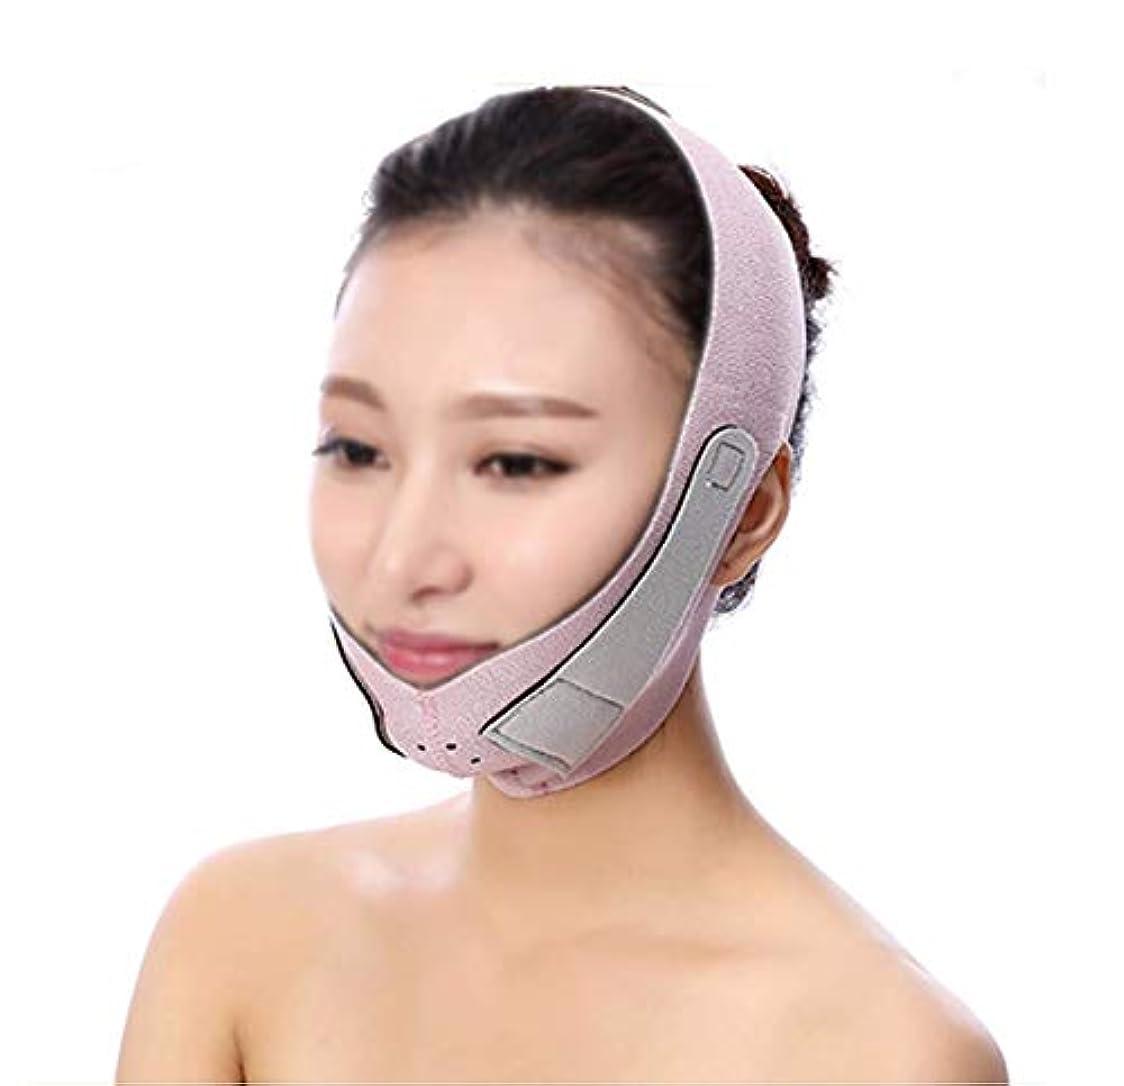 娘幸運な有用薄い顔の包帯スモールVフェイスアーティファクト男性と女性フェイスリフトアーティファクト強力なアップグレードスモールVフェイスマスクフェイスマッサージャーローラーバンデージダブルチン日本(色:A)